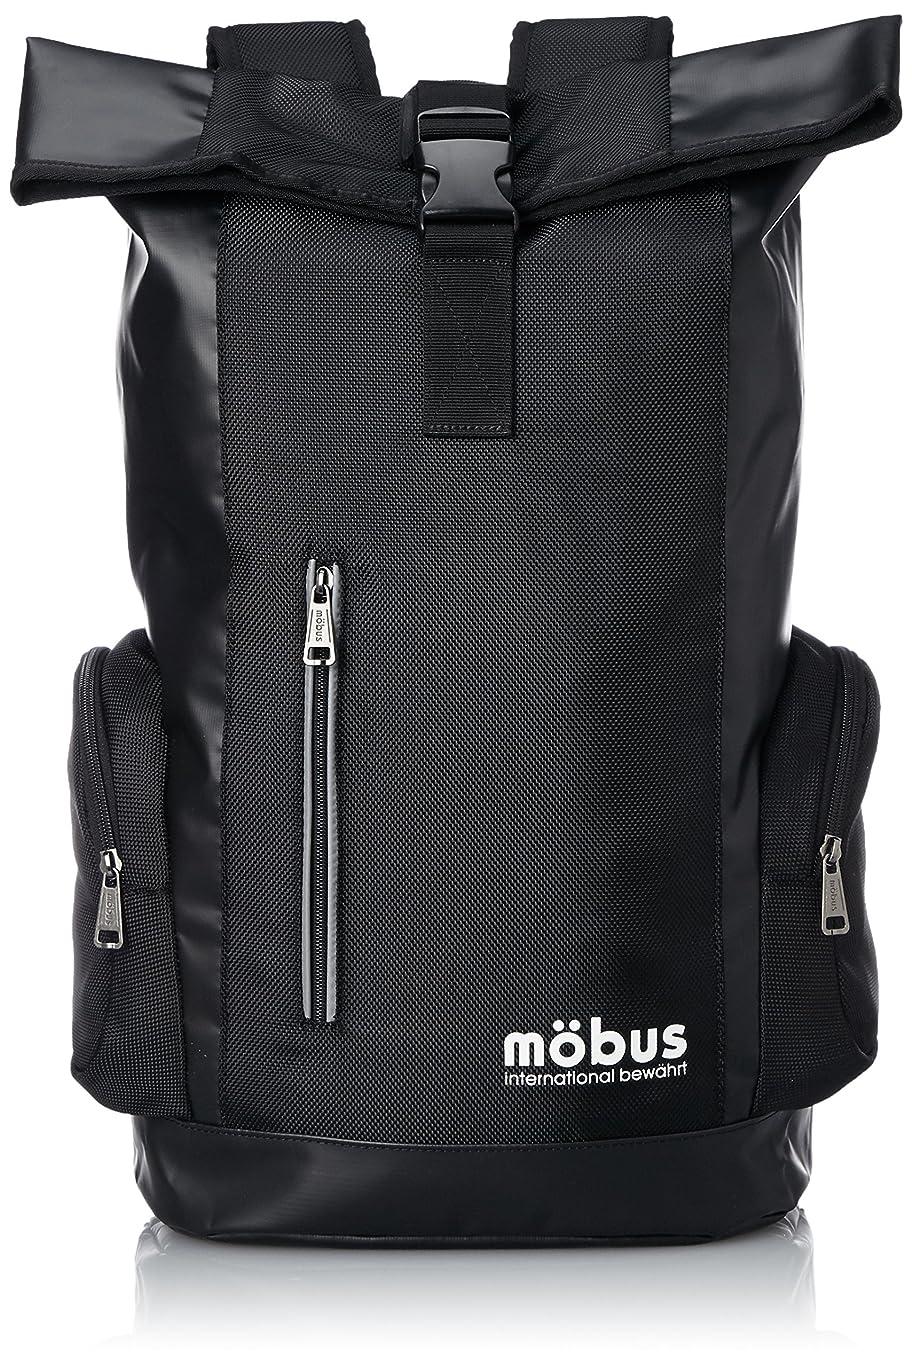 特殊誠意ピアース[モーブス] MOBUSナイロンシリーズロールトップ型リュック MO-111